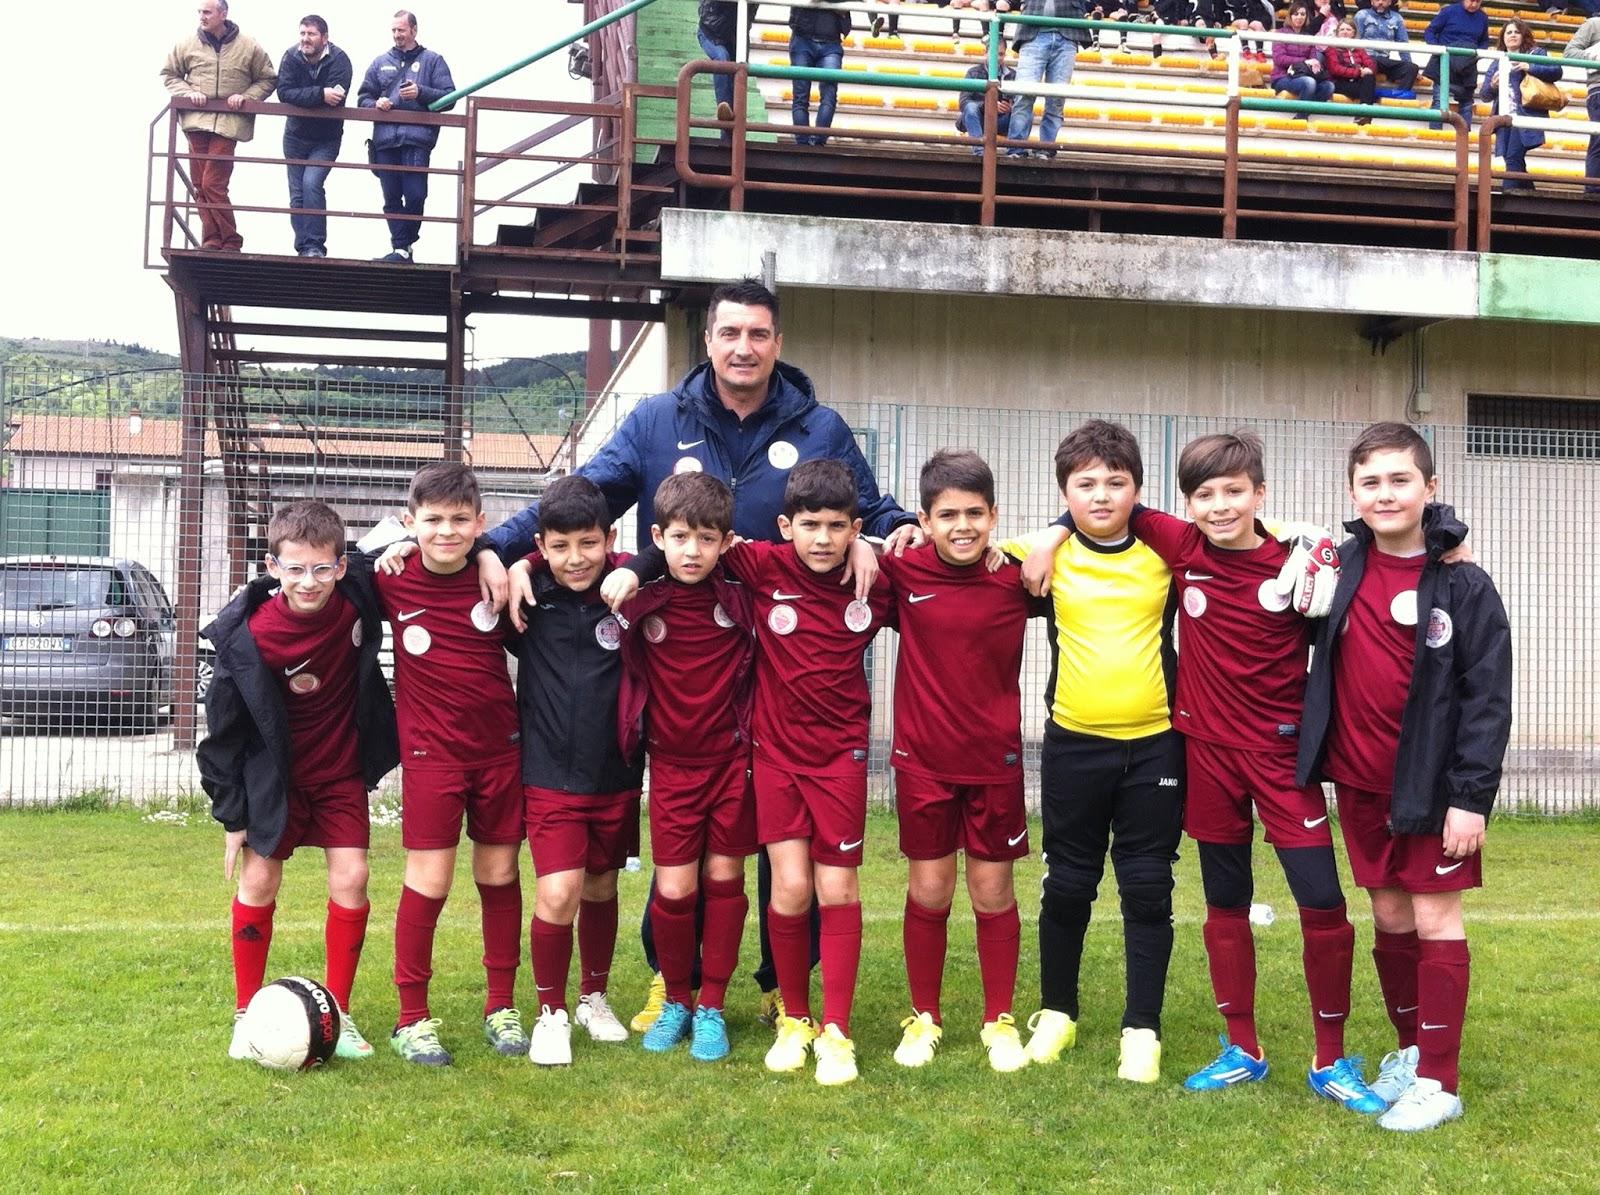 Avezzano Calcio - Official web site: SCUOLA CALCIO